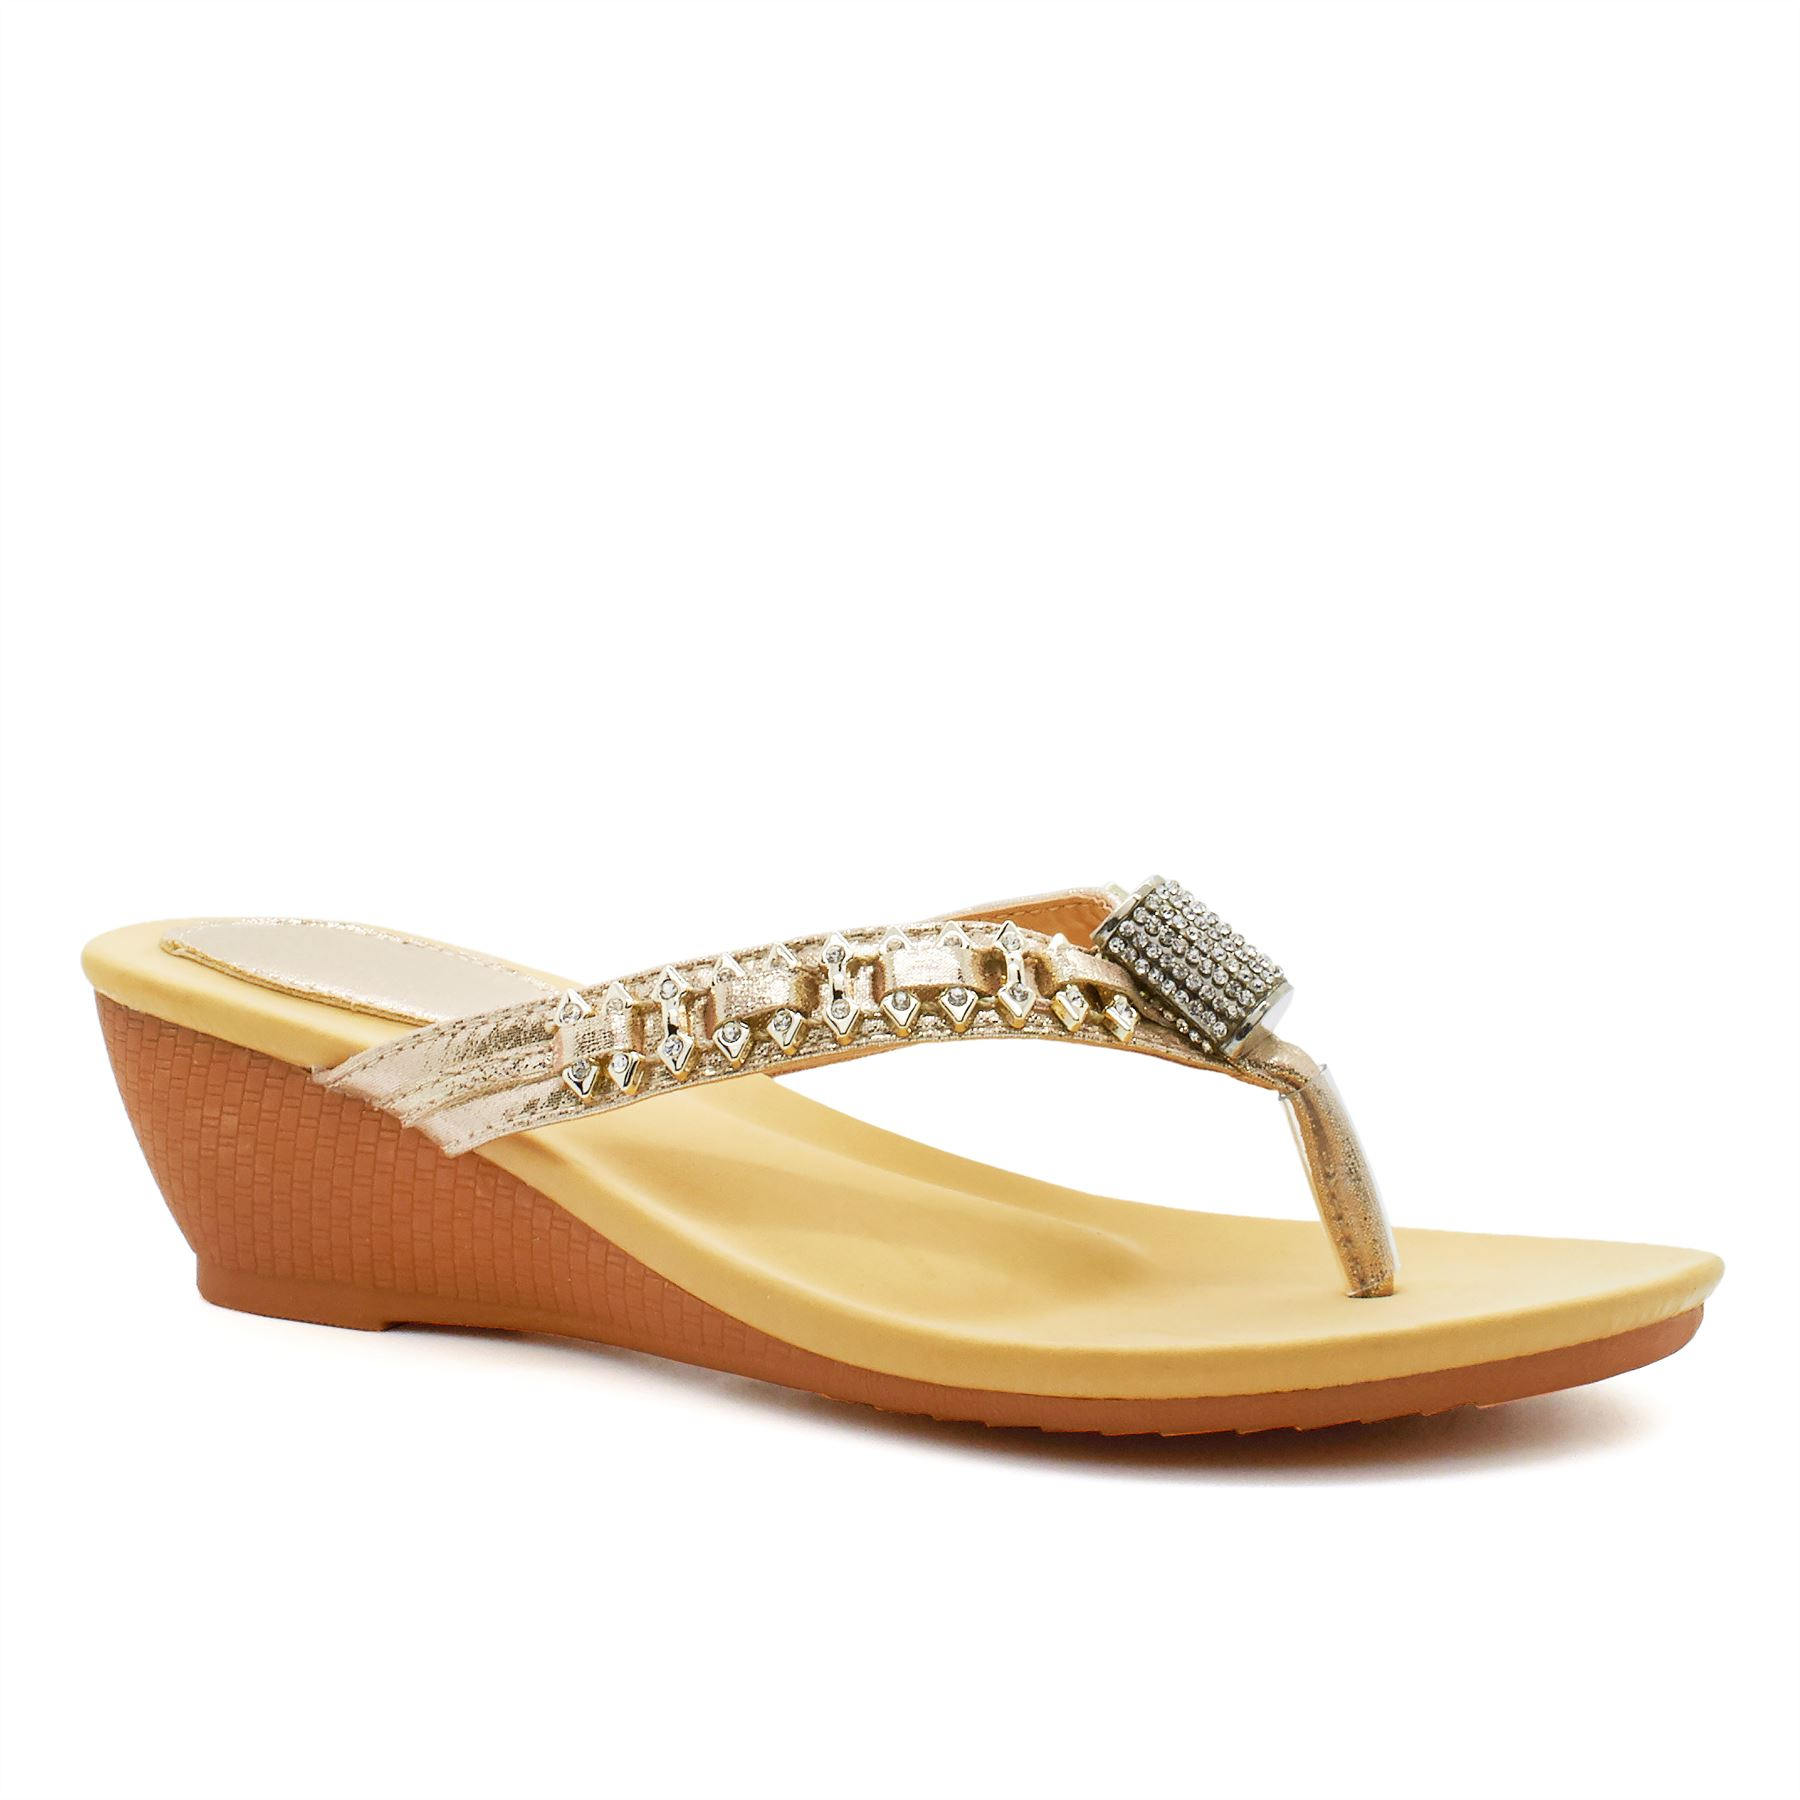 Nuevas señoras Diamante Baja Sandalias de tacón con plataforma para mujeres verano vacaciones Toe Post Reino Unido 3-8